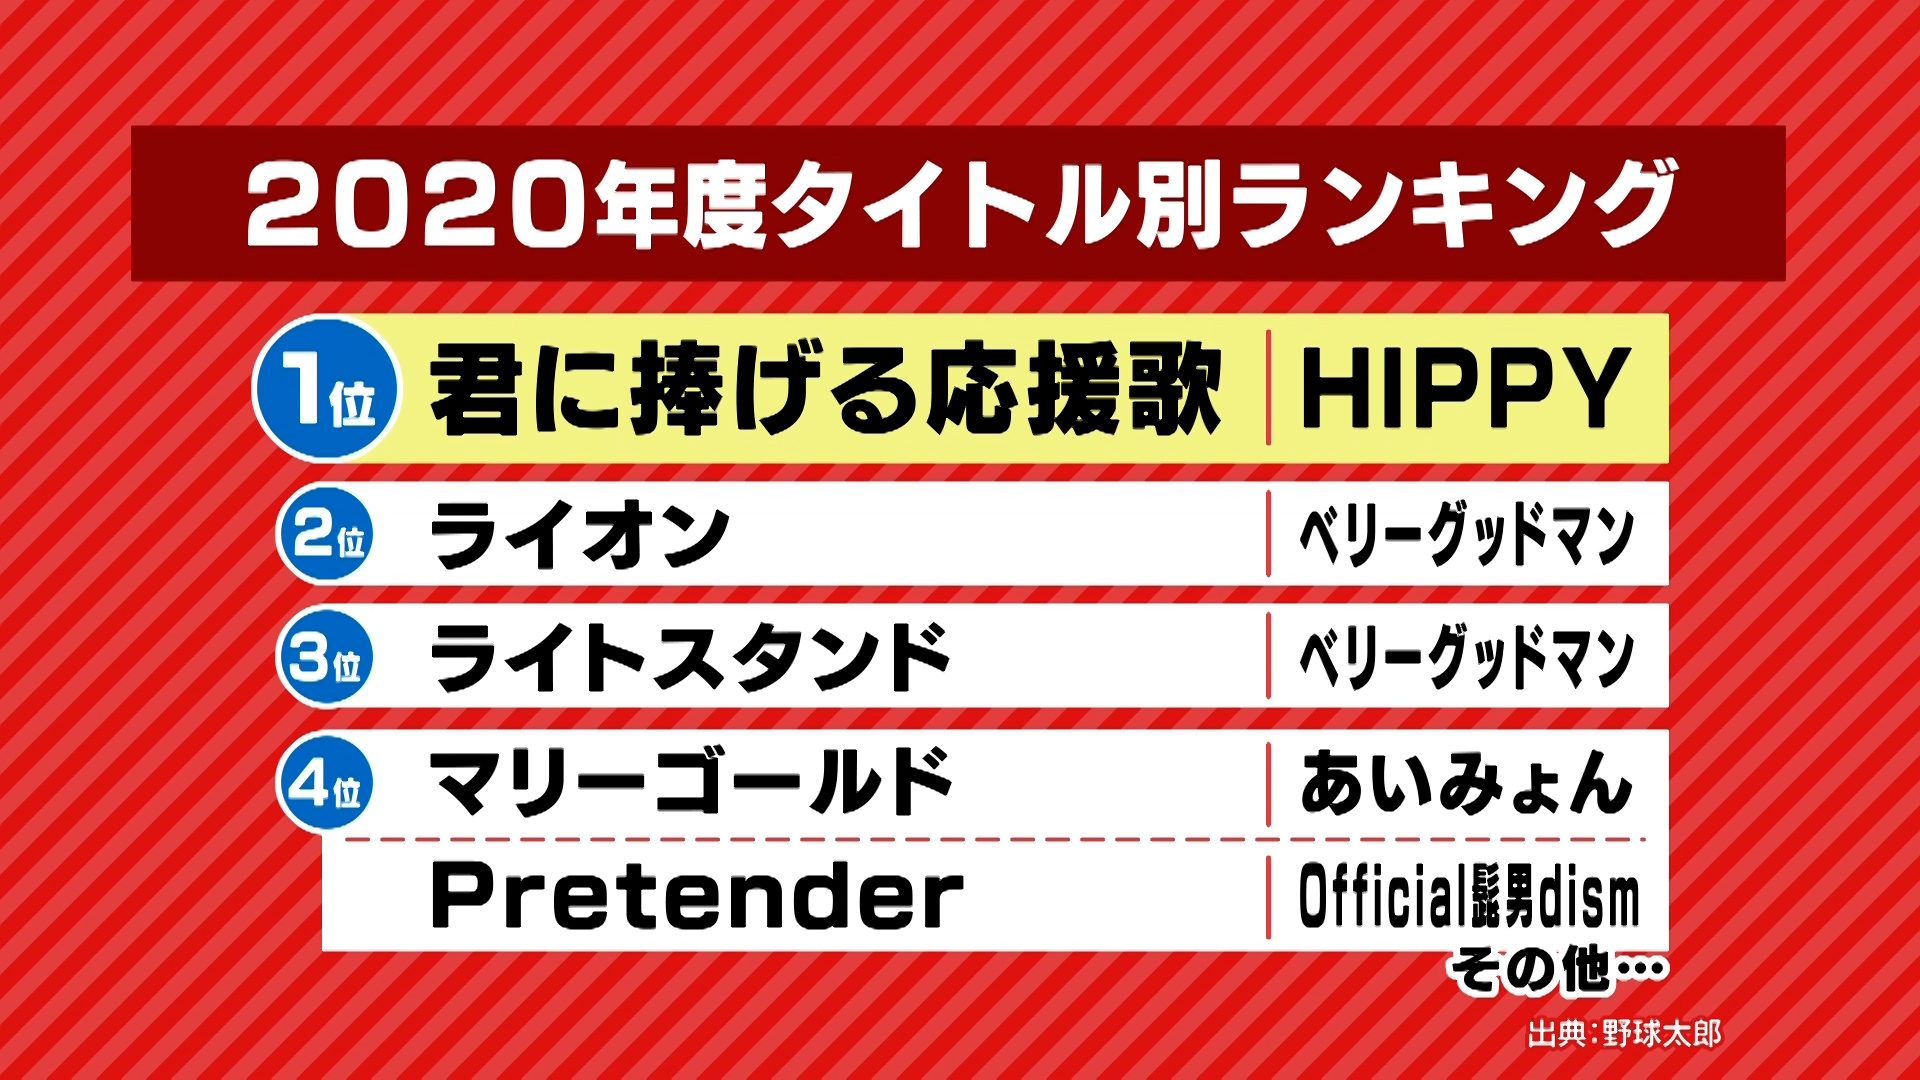 2020年度タイトル別登場曲ランキング(出展:野球太郎)